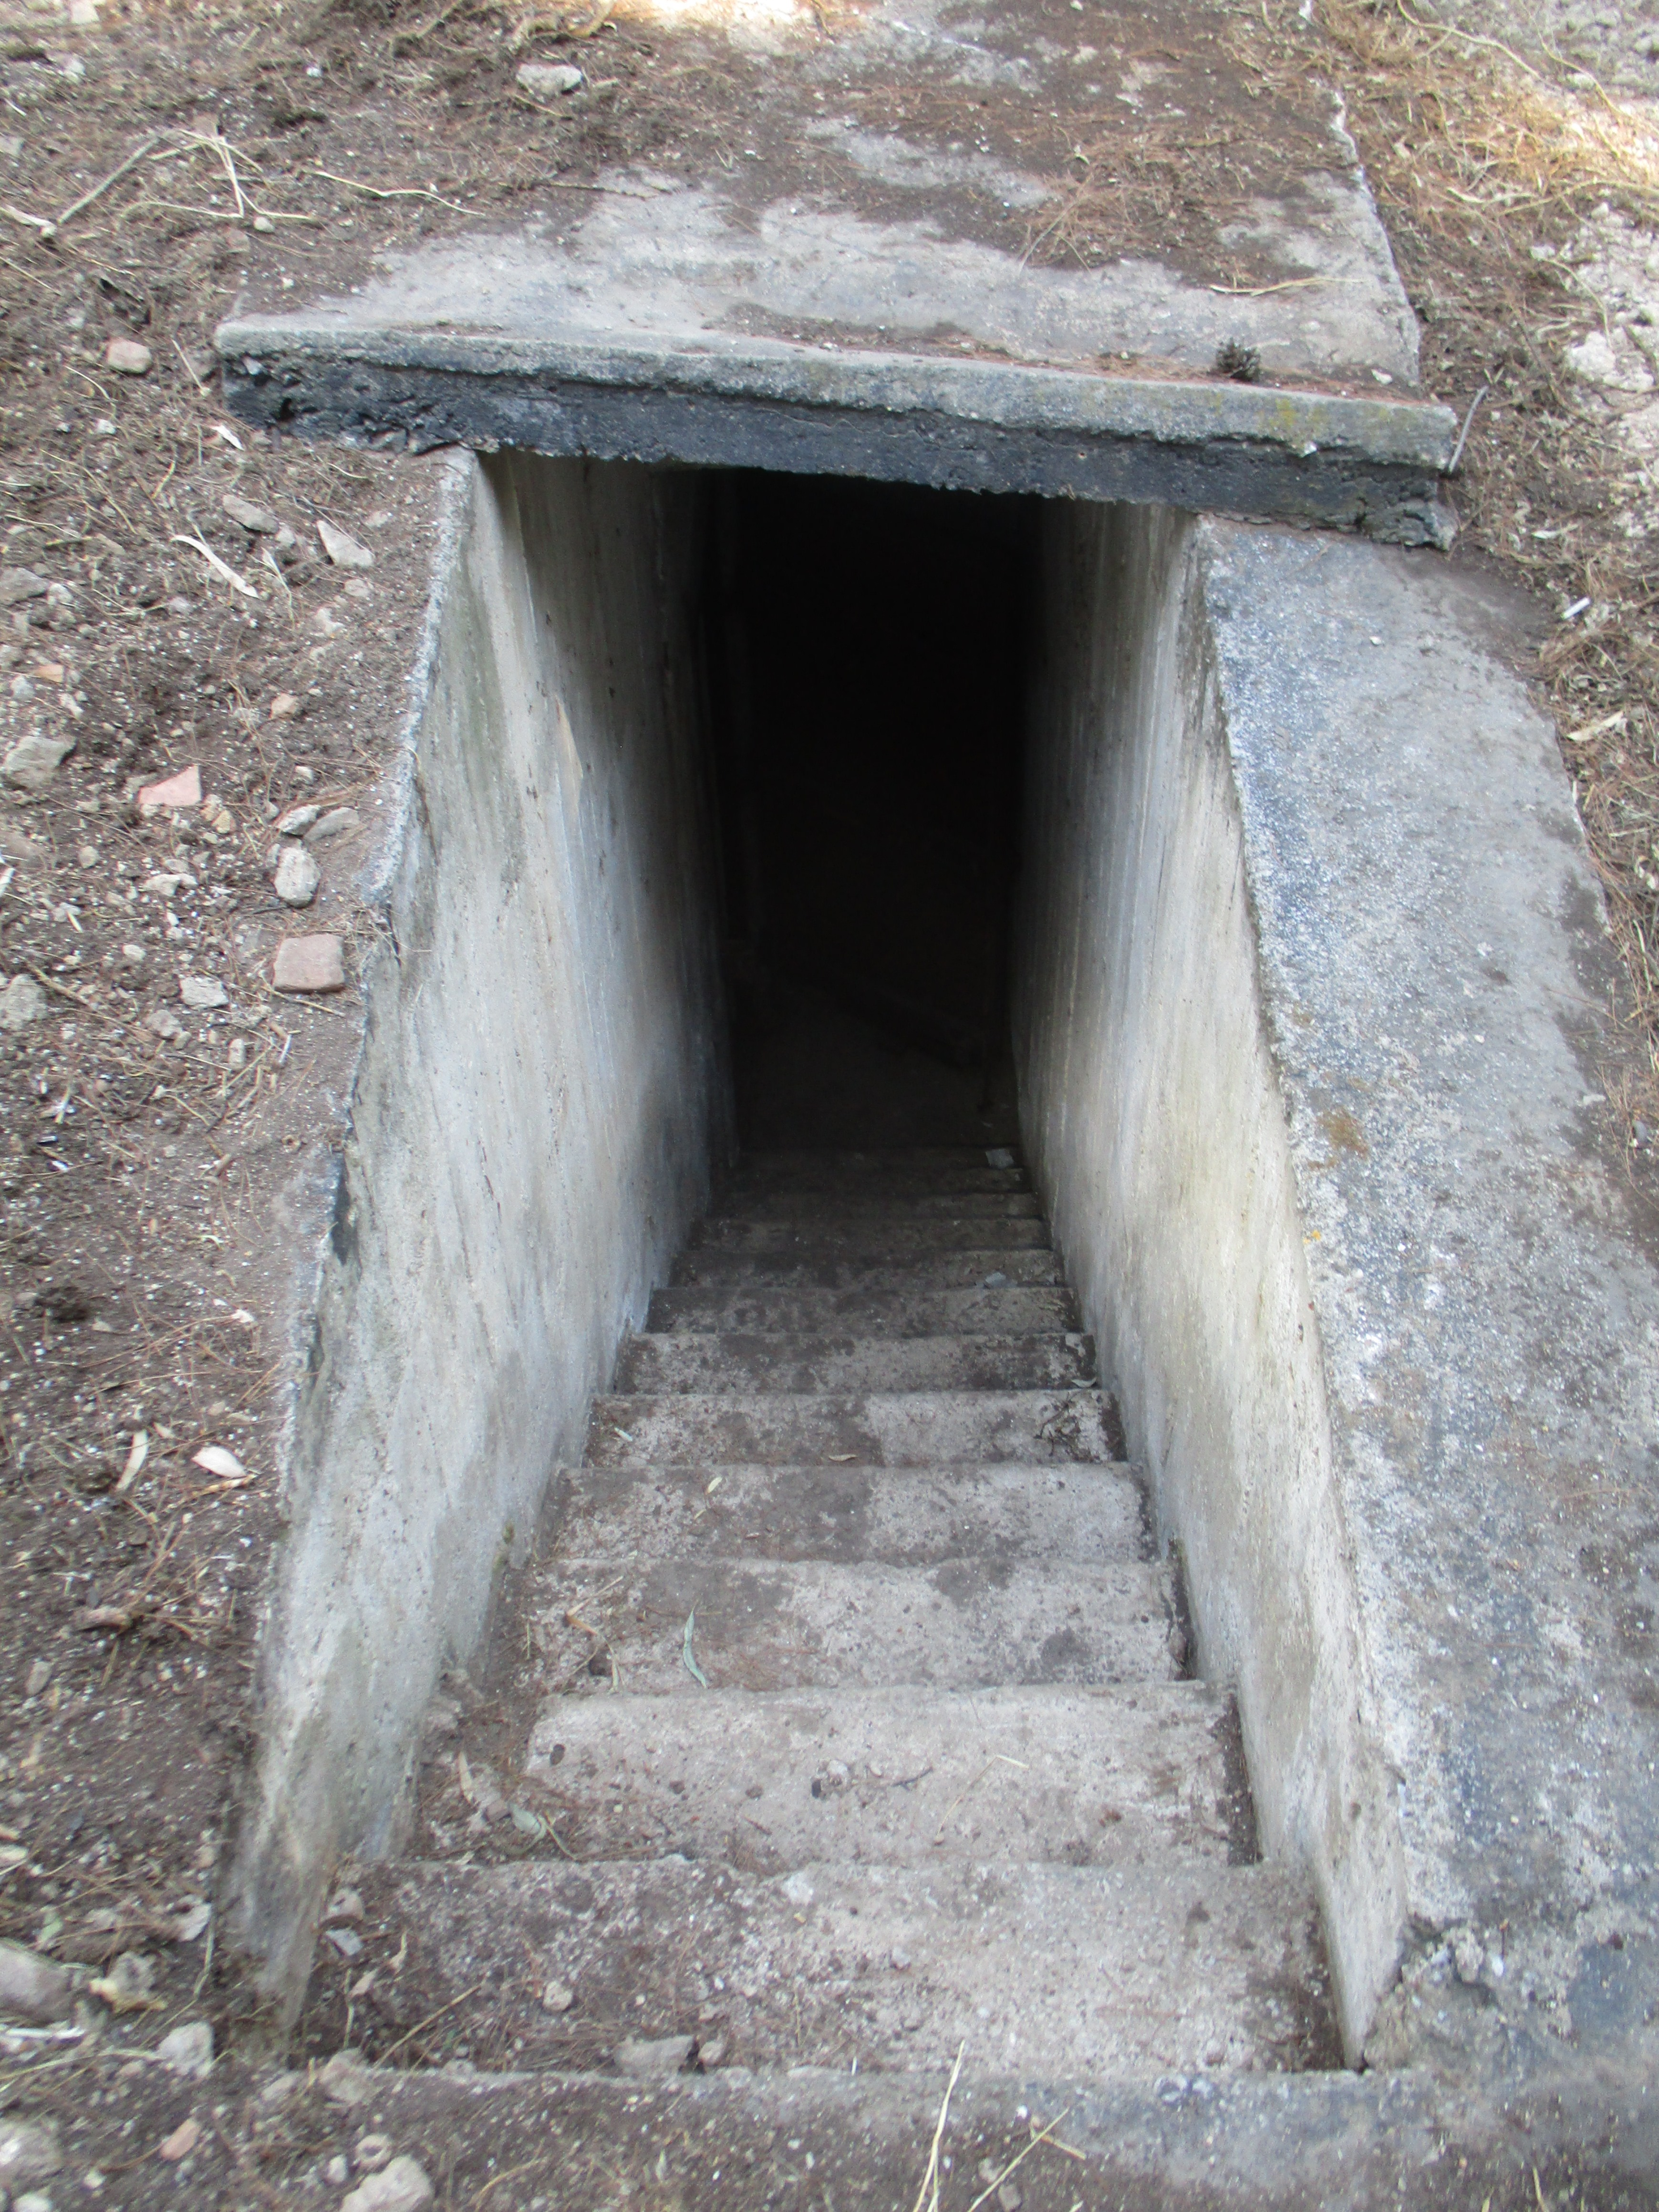 Ένας υπόγειος κόσμος, καλά κρυμμένος γύρω μας